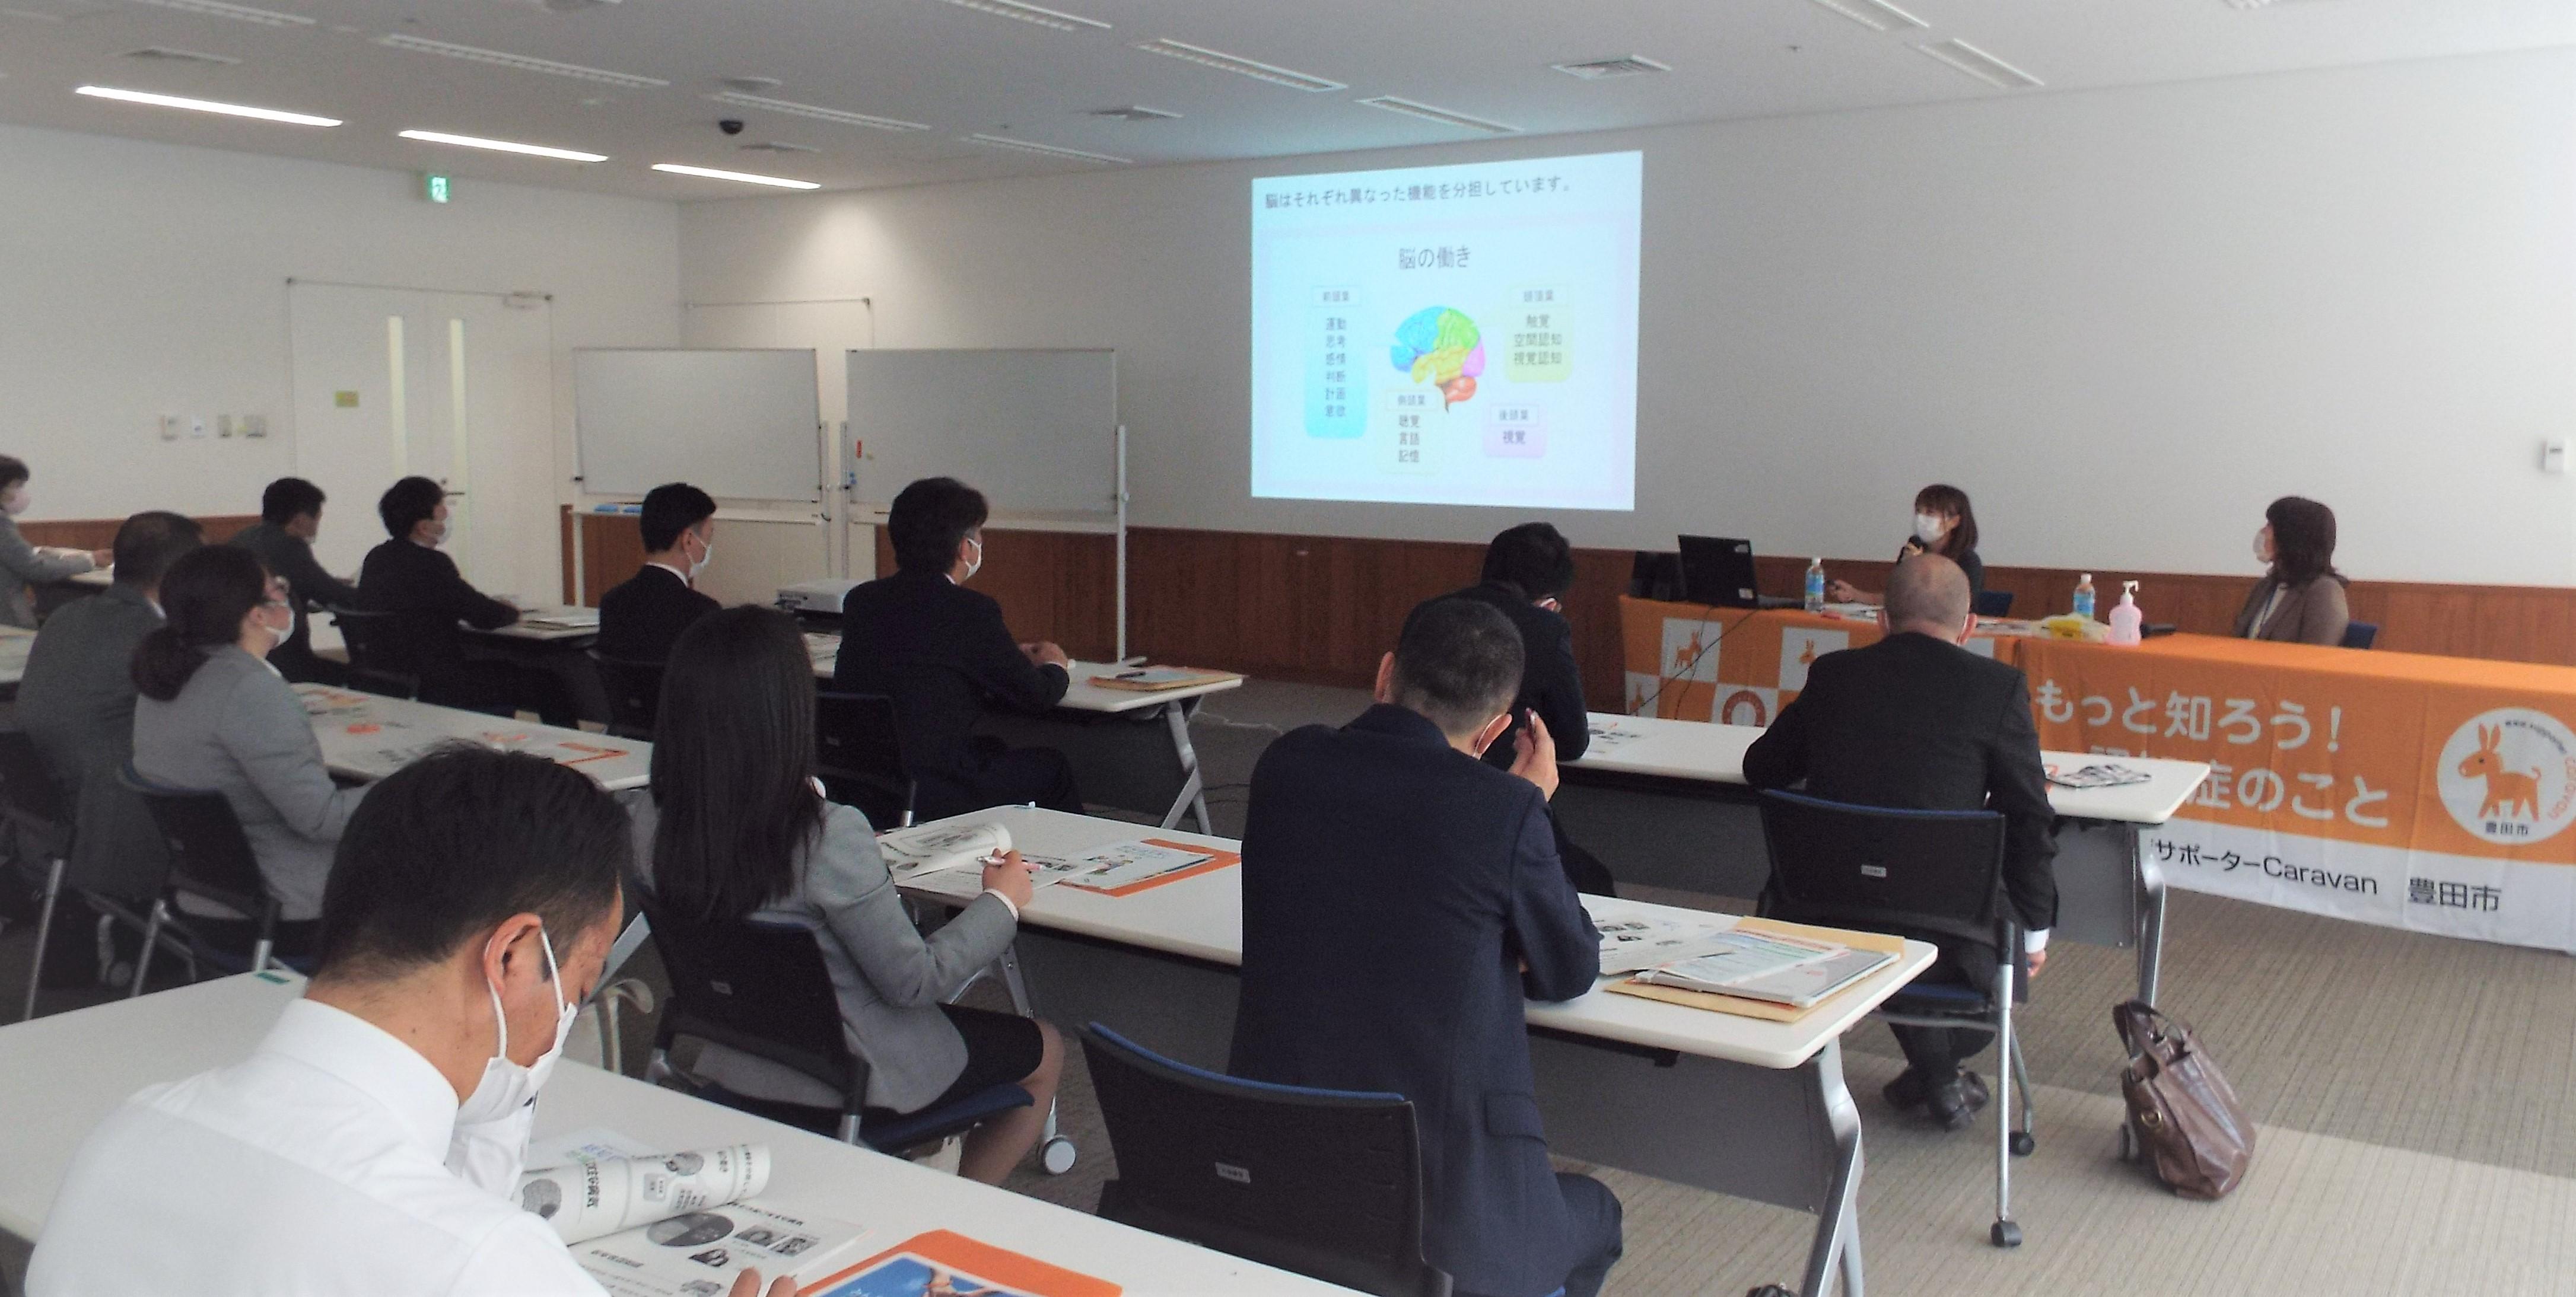 豊田市 認知症サポーター養成講座・ONEアクション研修実施